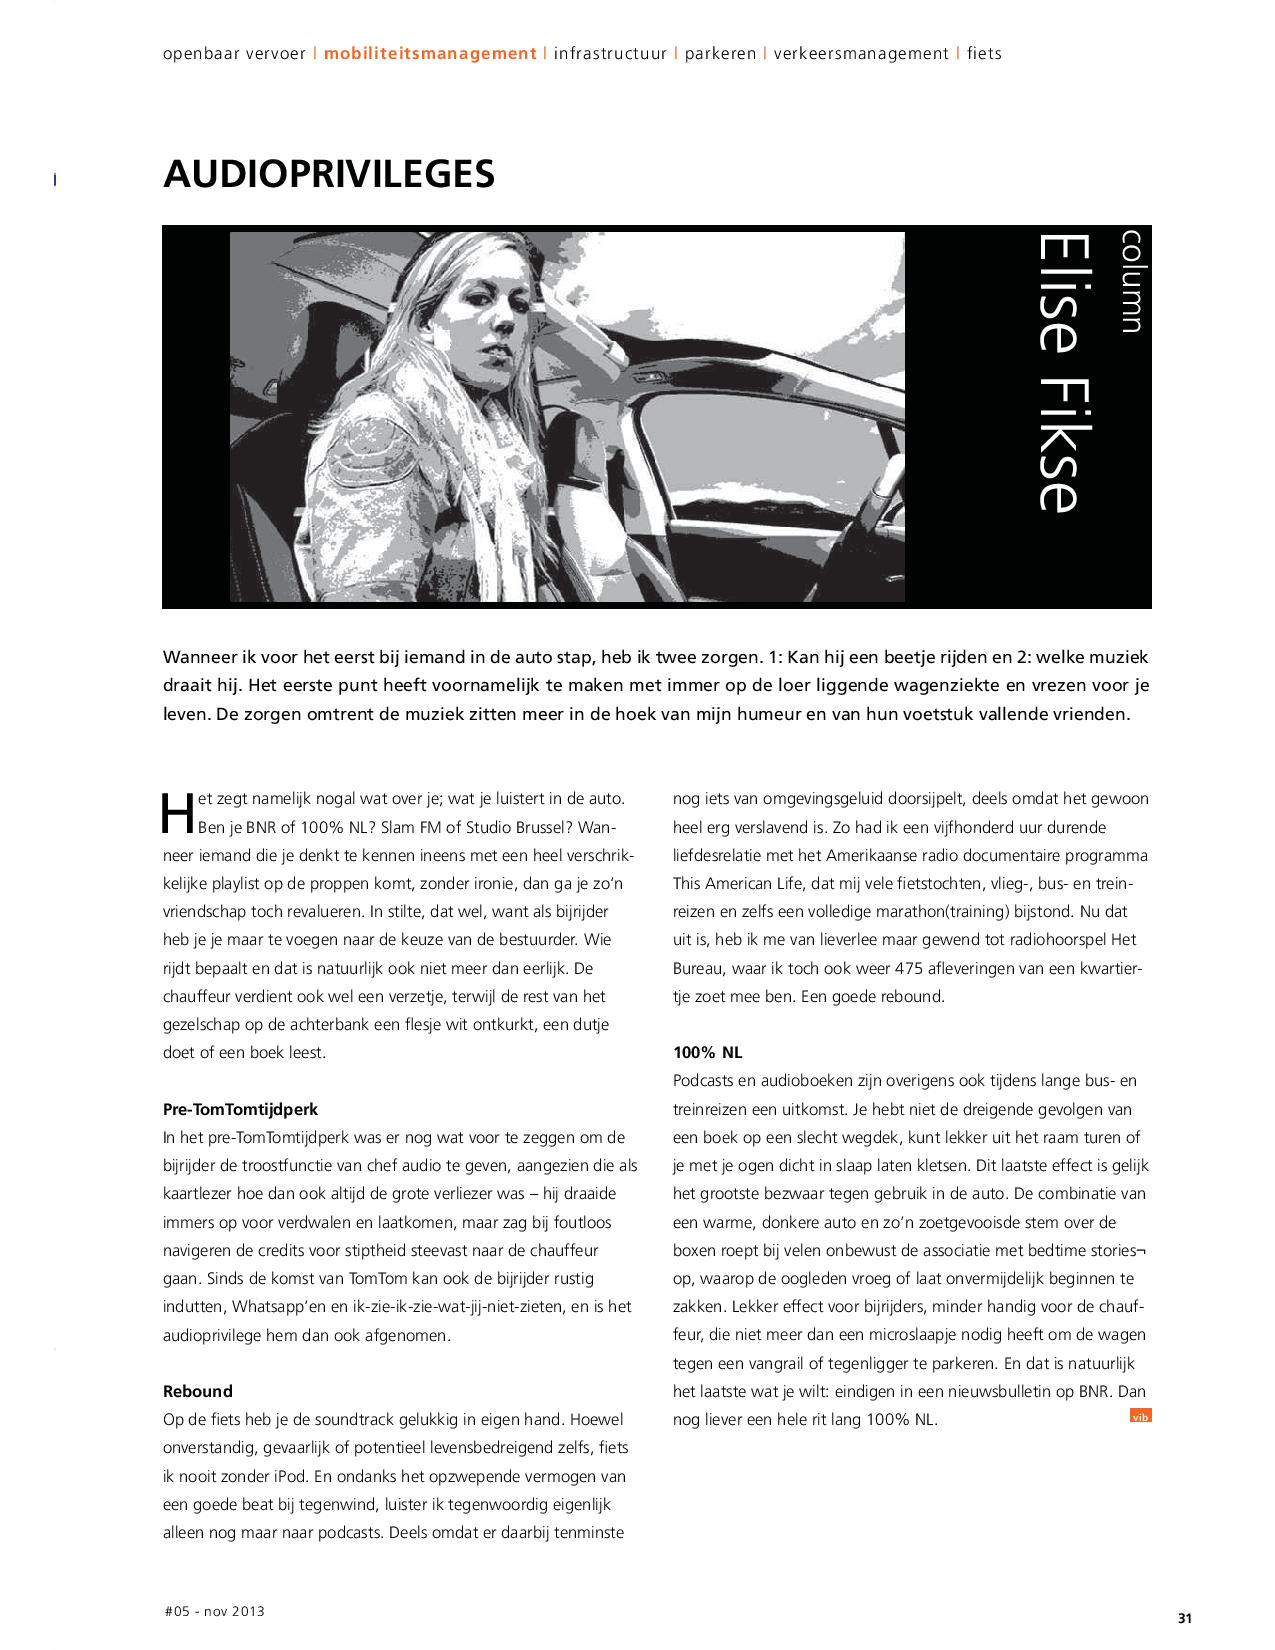 Column Verkeer in Beeld 2013 In de auto, trein, bus of op de fiets: welke muziek luister je?